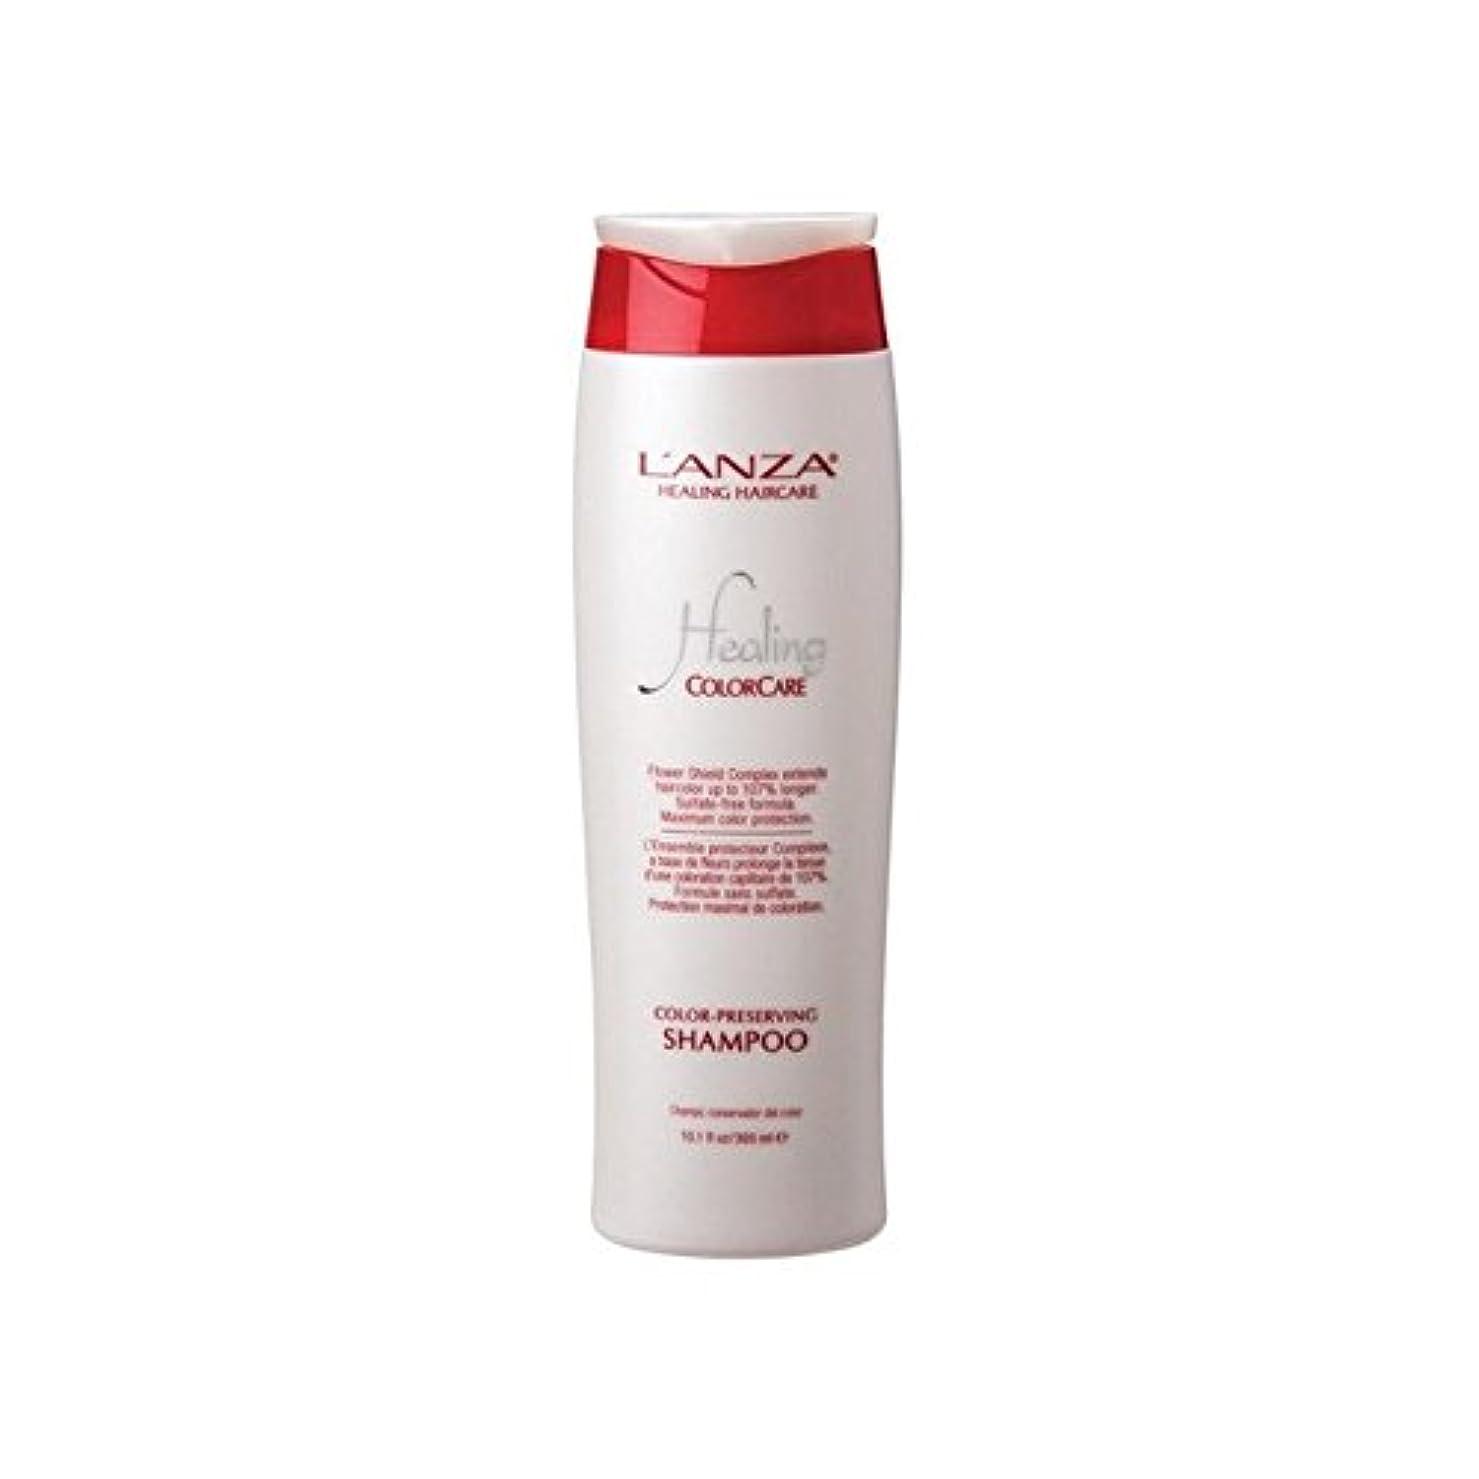 パーセント恵み無限大L'Anza Healing Colorcare Colour Preserving Shampoo (300ml) (Pack of 6) - アンザ癒しカラーシャンプーを保存(300ミリリットル) x6 [並行輸入品]